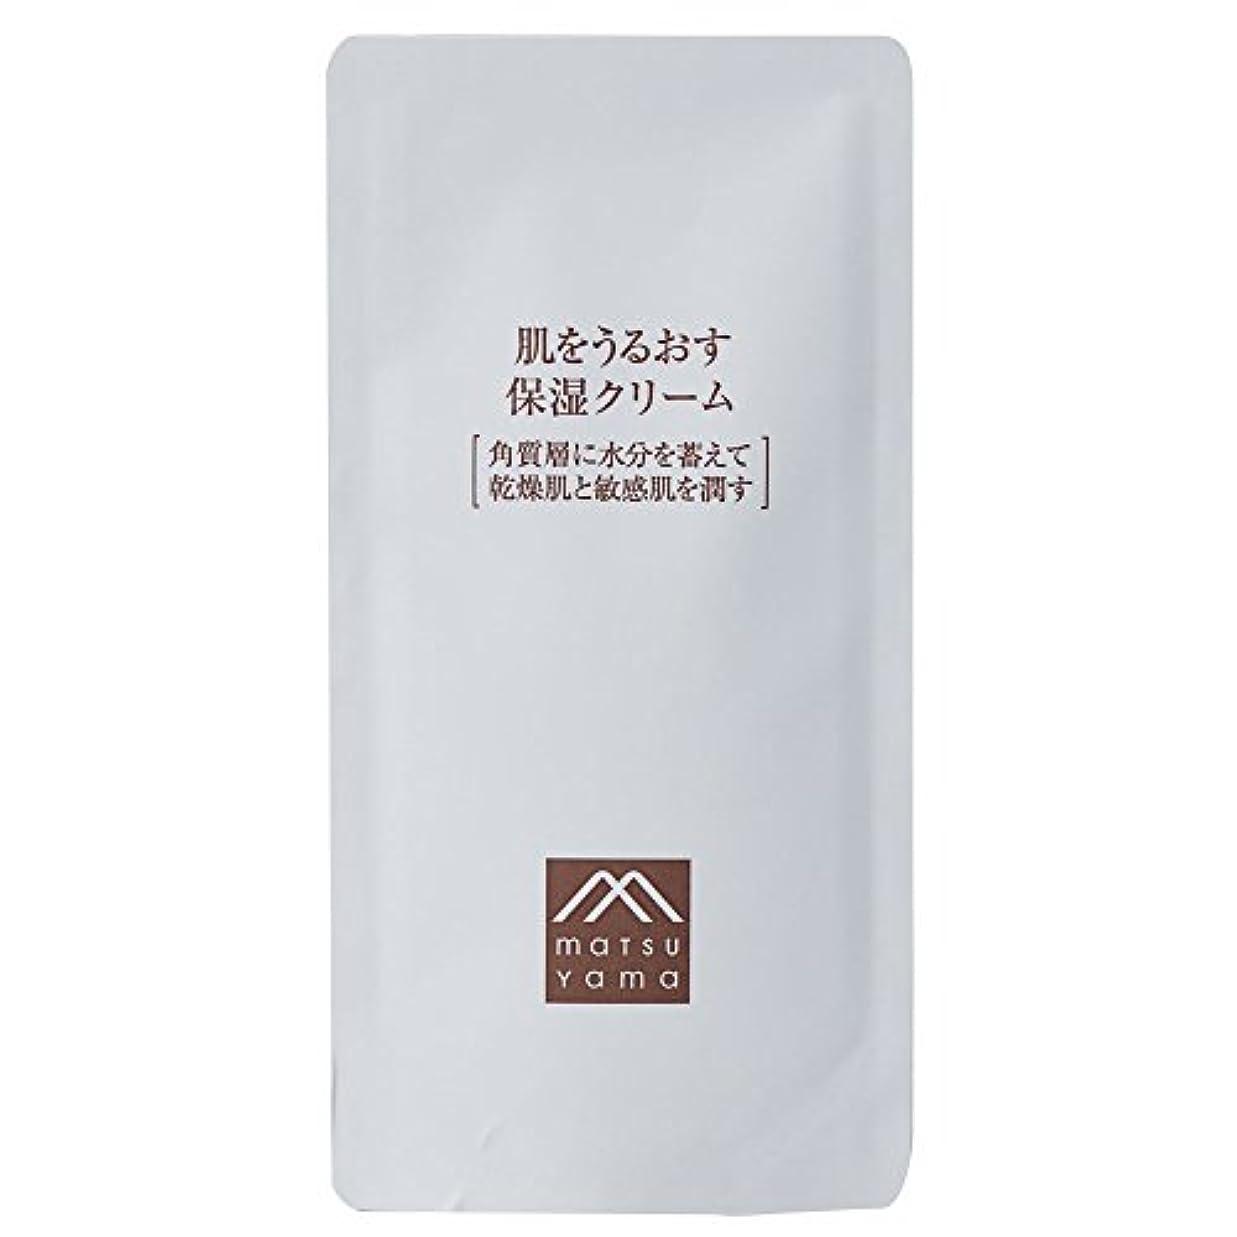 一次フィード目的肌をうるおす保湿クリーム 詰替用(クリーム) 濃厚クリーム [乾燥肌 敏感肌]